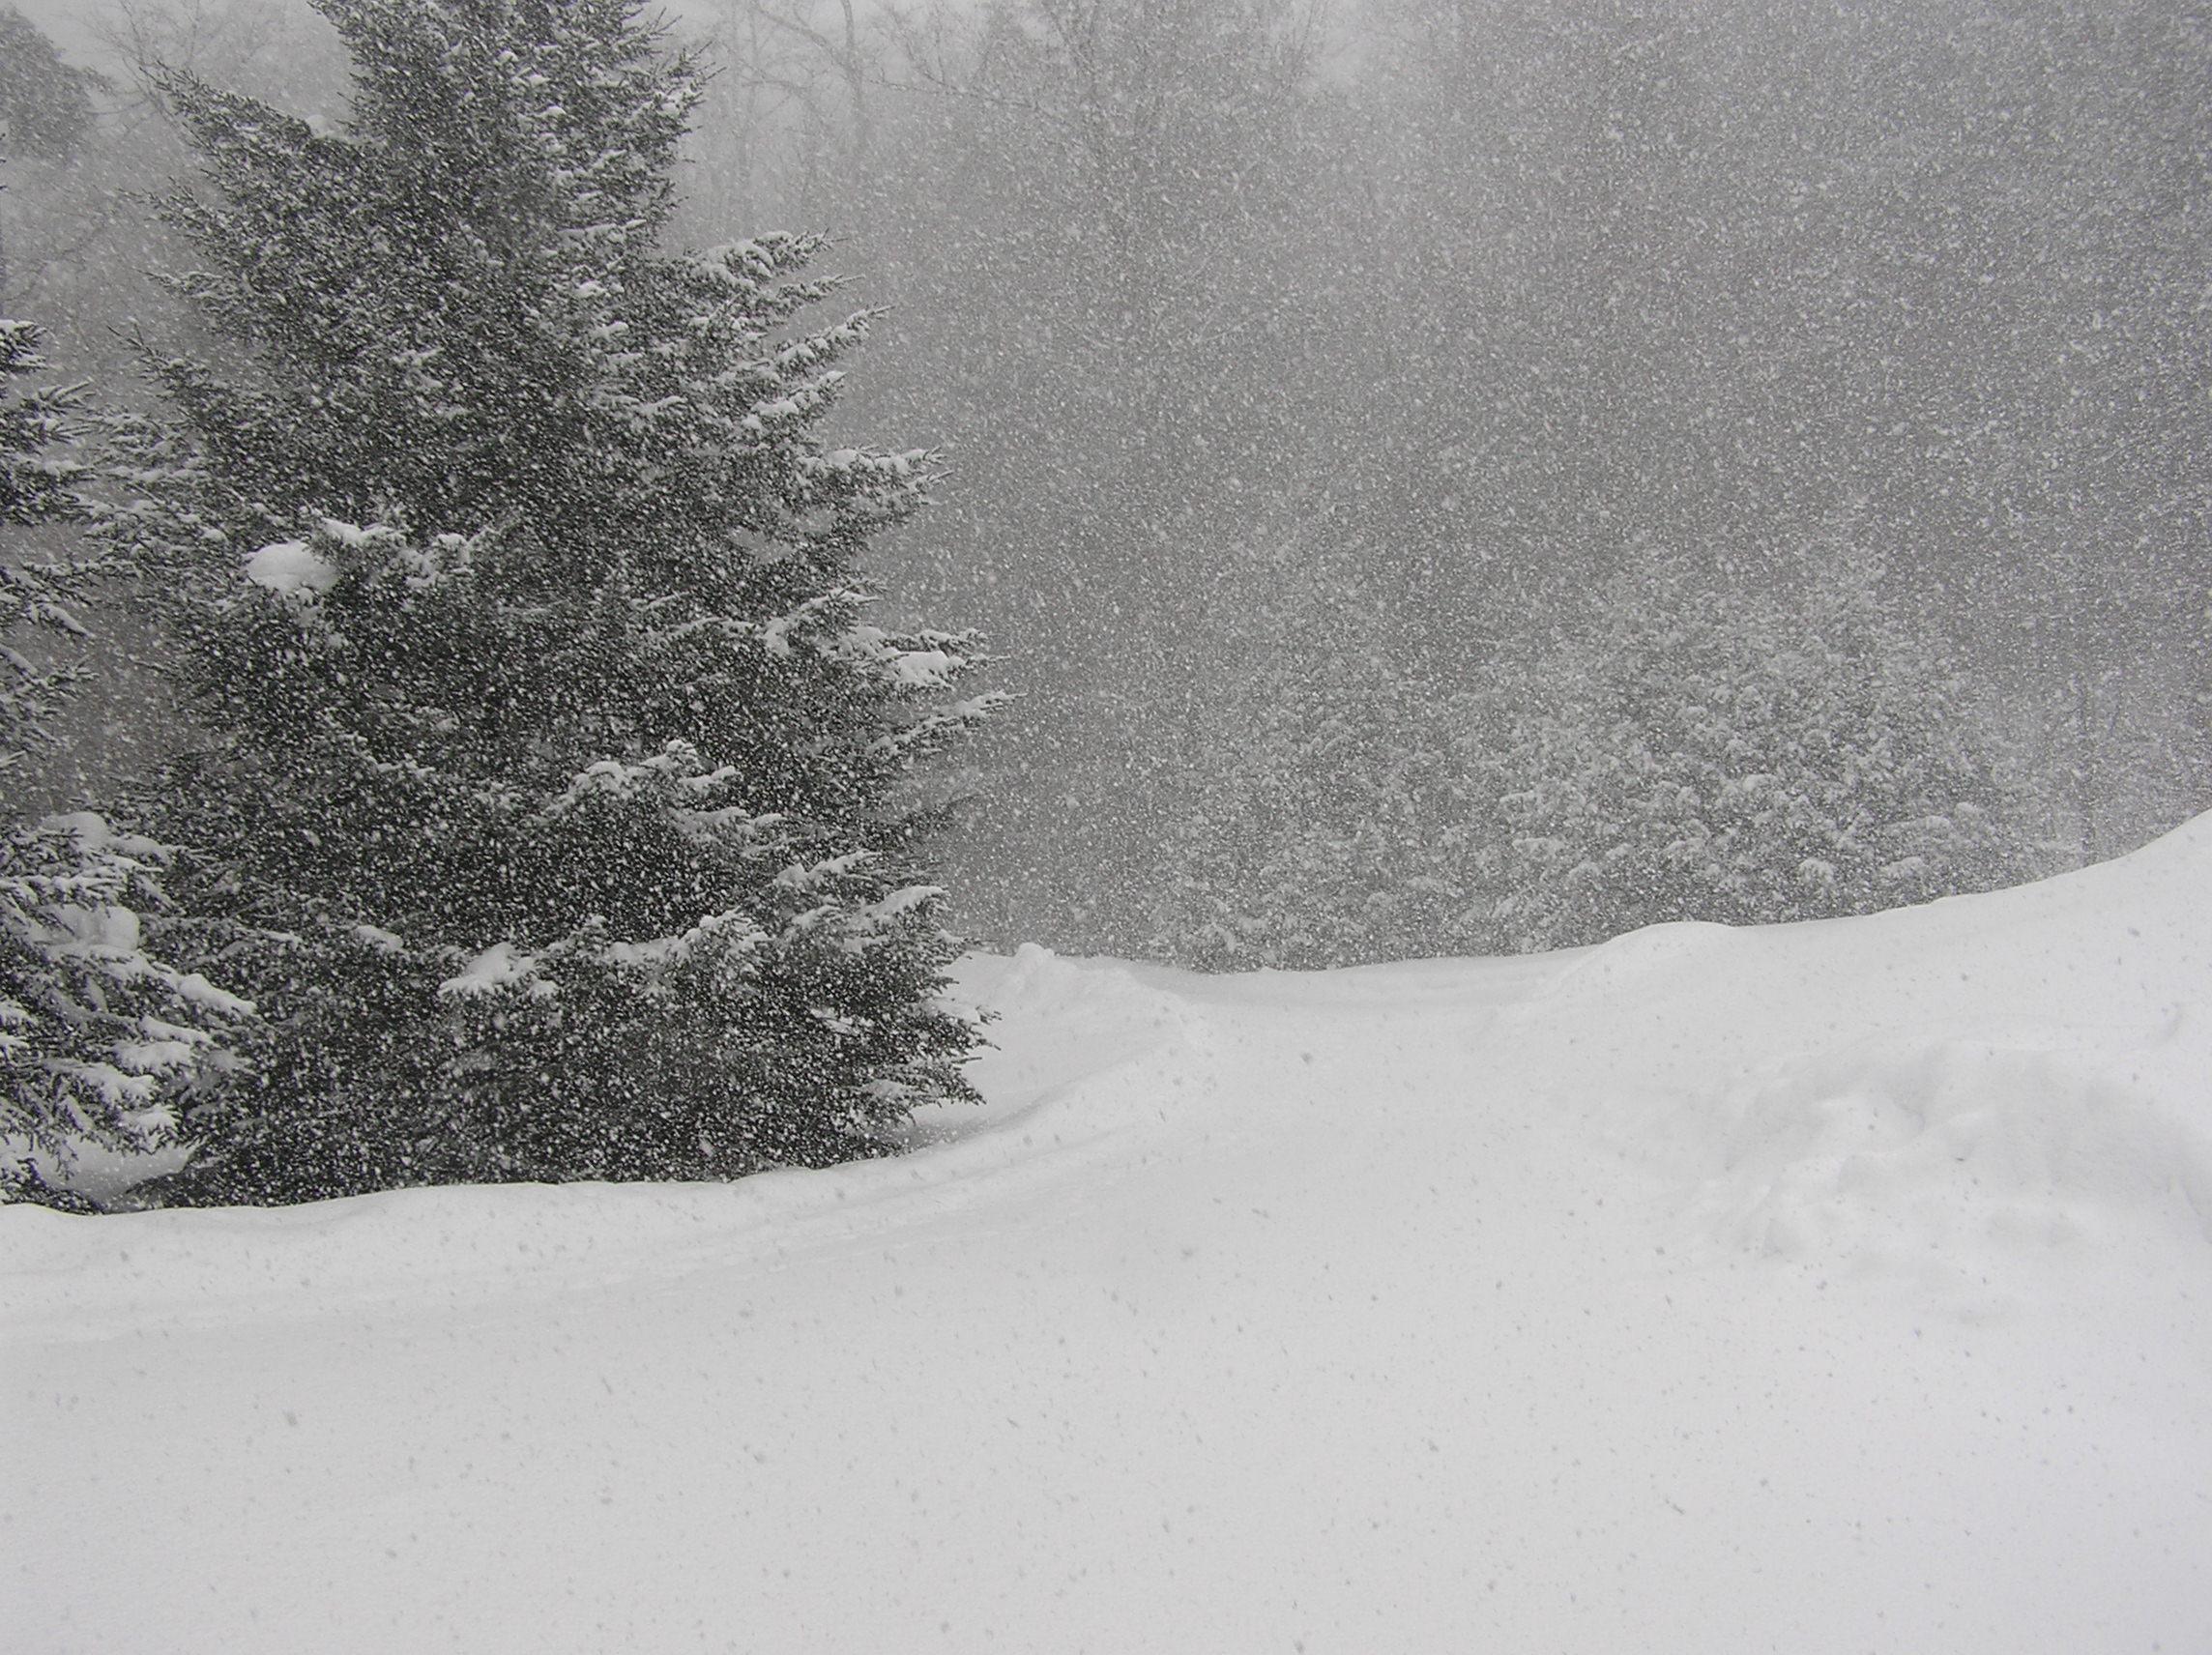 Winter by Michelle Brown Garcia